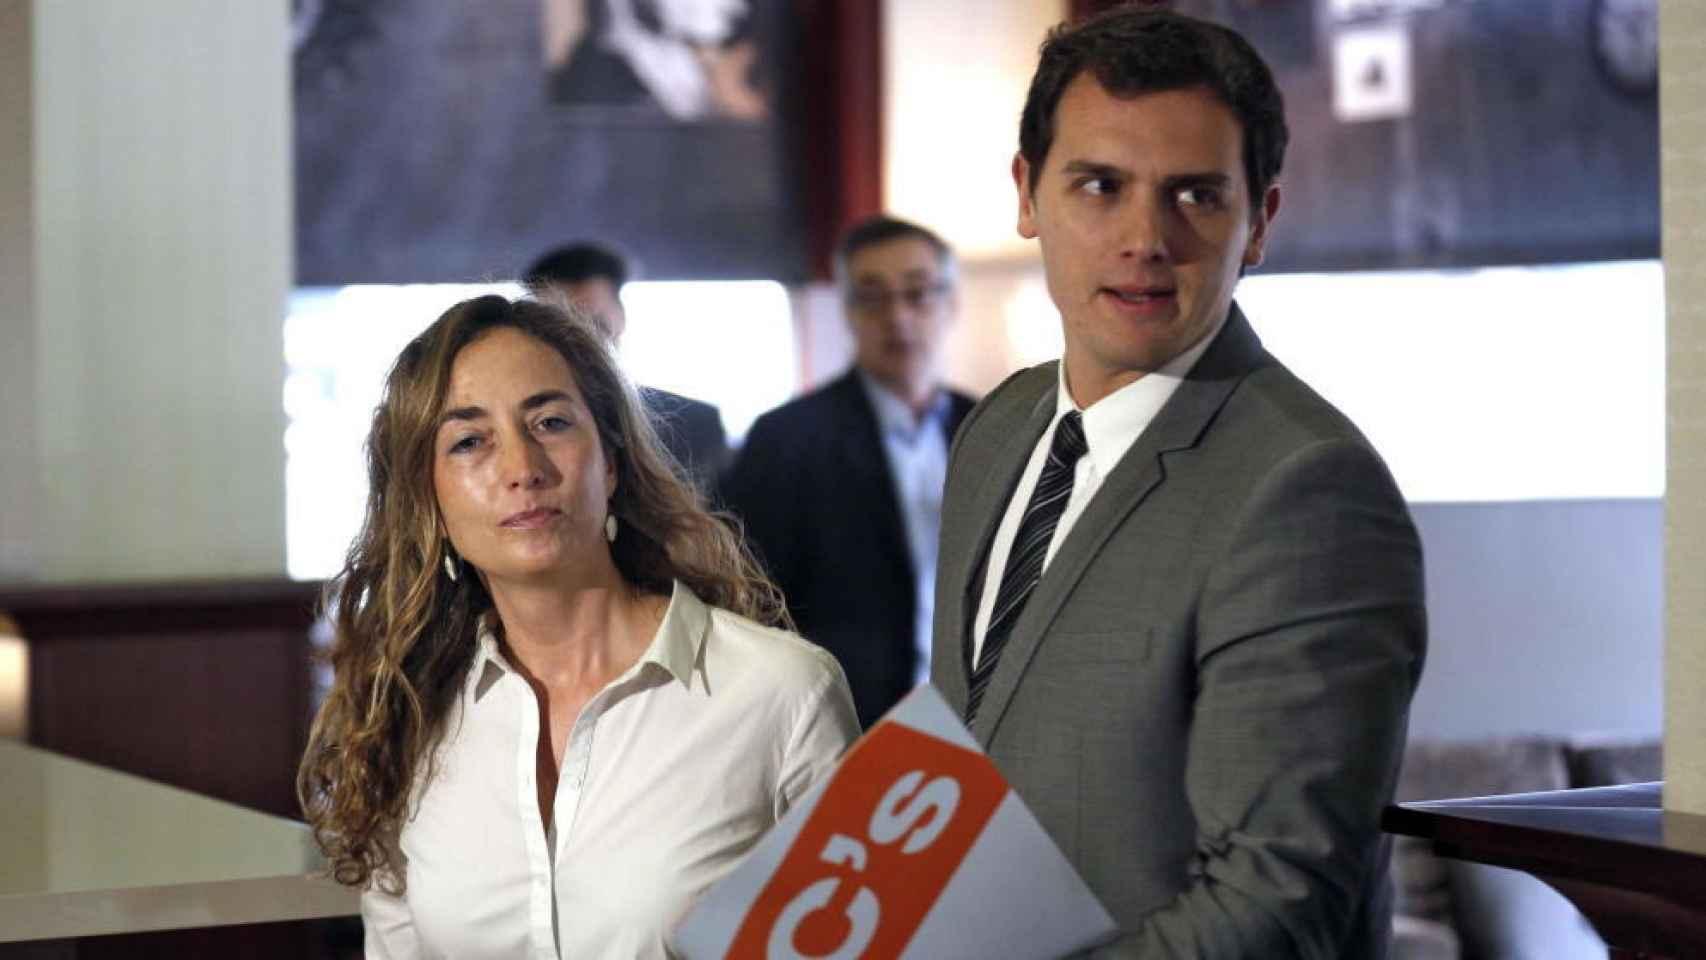 La nueva eurodiputada de C's, Carolina Punset, y el presidente del partido, Albert Rivera.